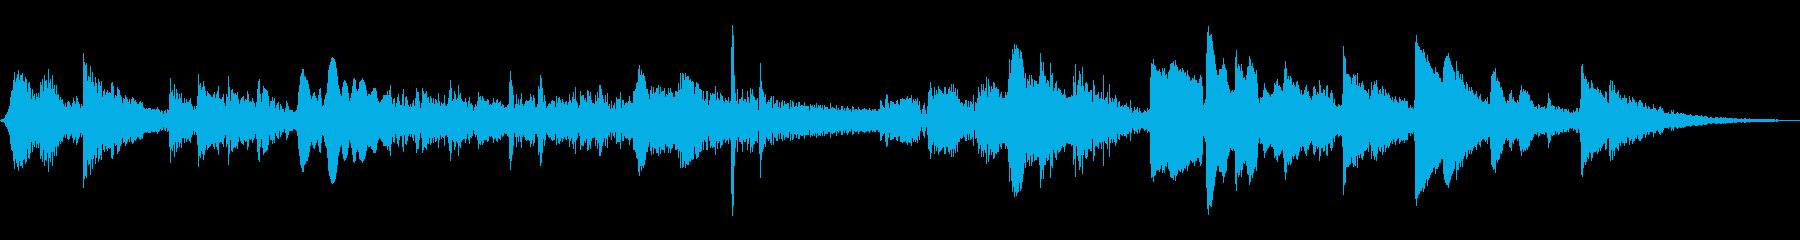 表現力豊かなスペイン語のギタータグ1の再生済みの波形